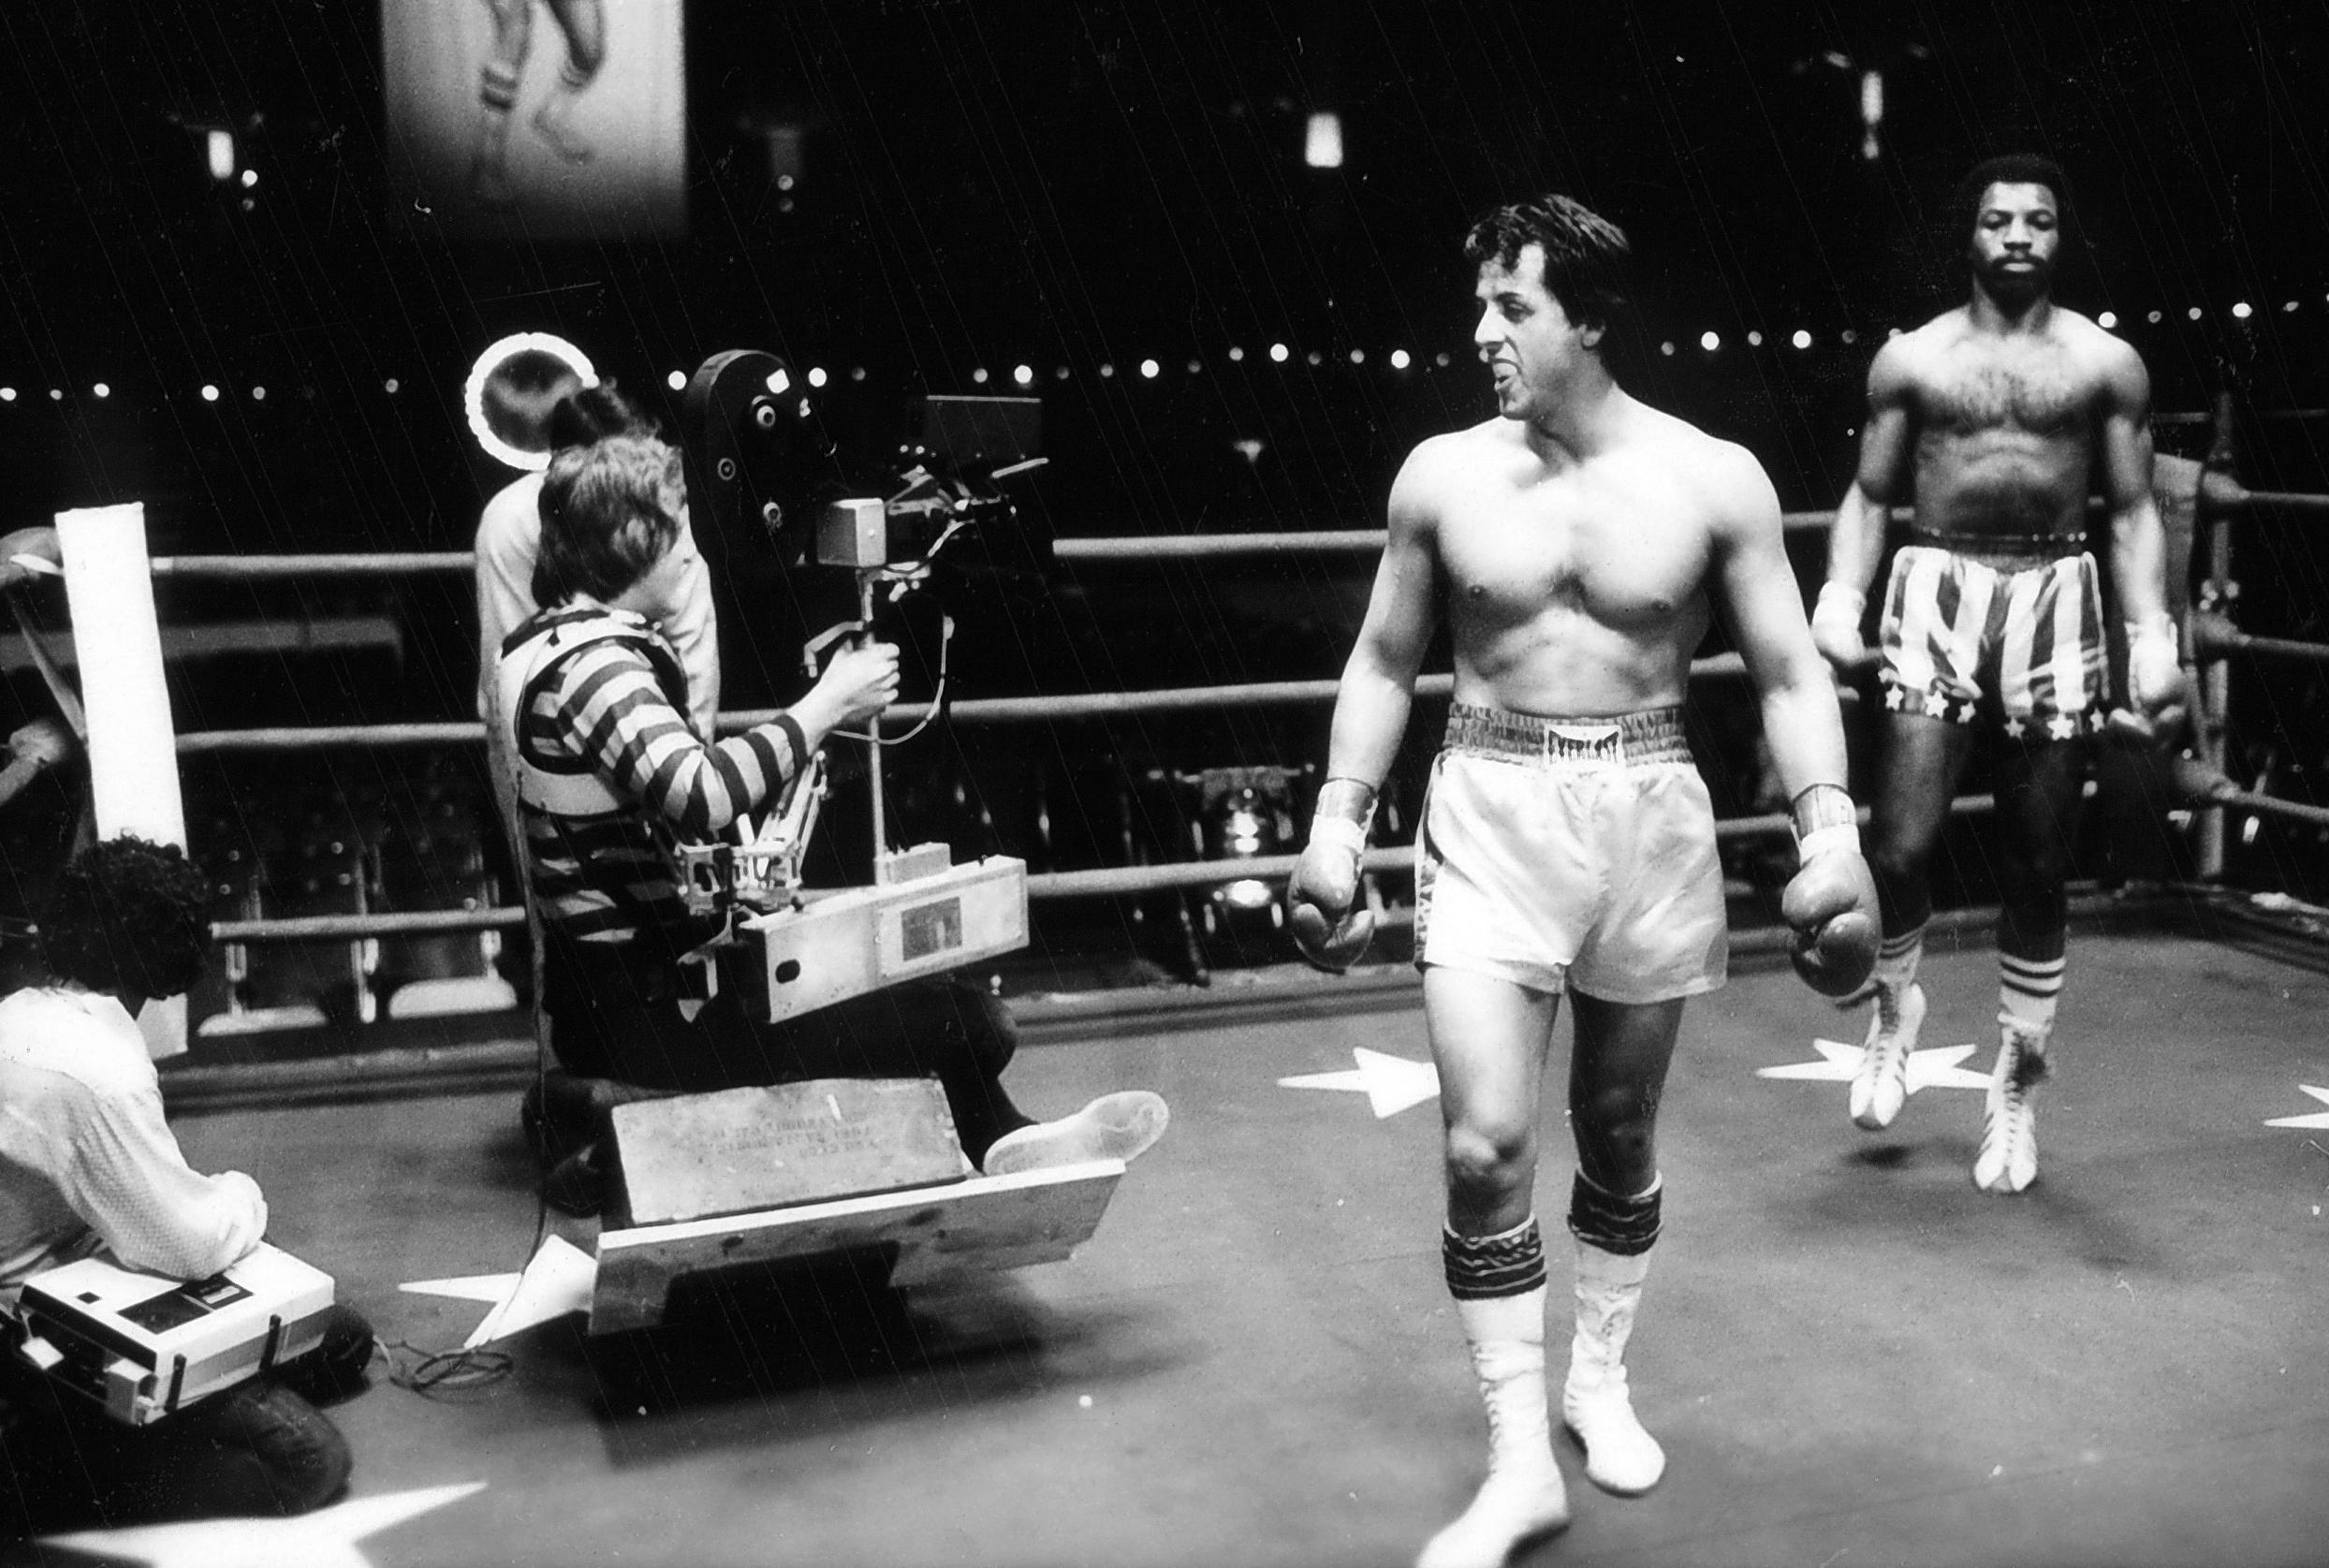 photo tournage coulisse cinema Rocky2 15 Photos sur des tournages de films #2